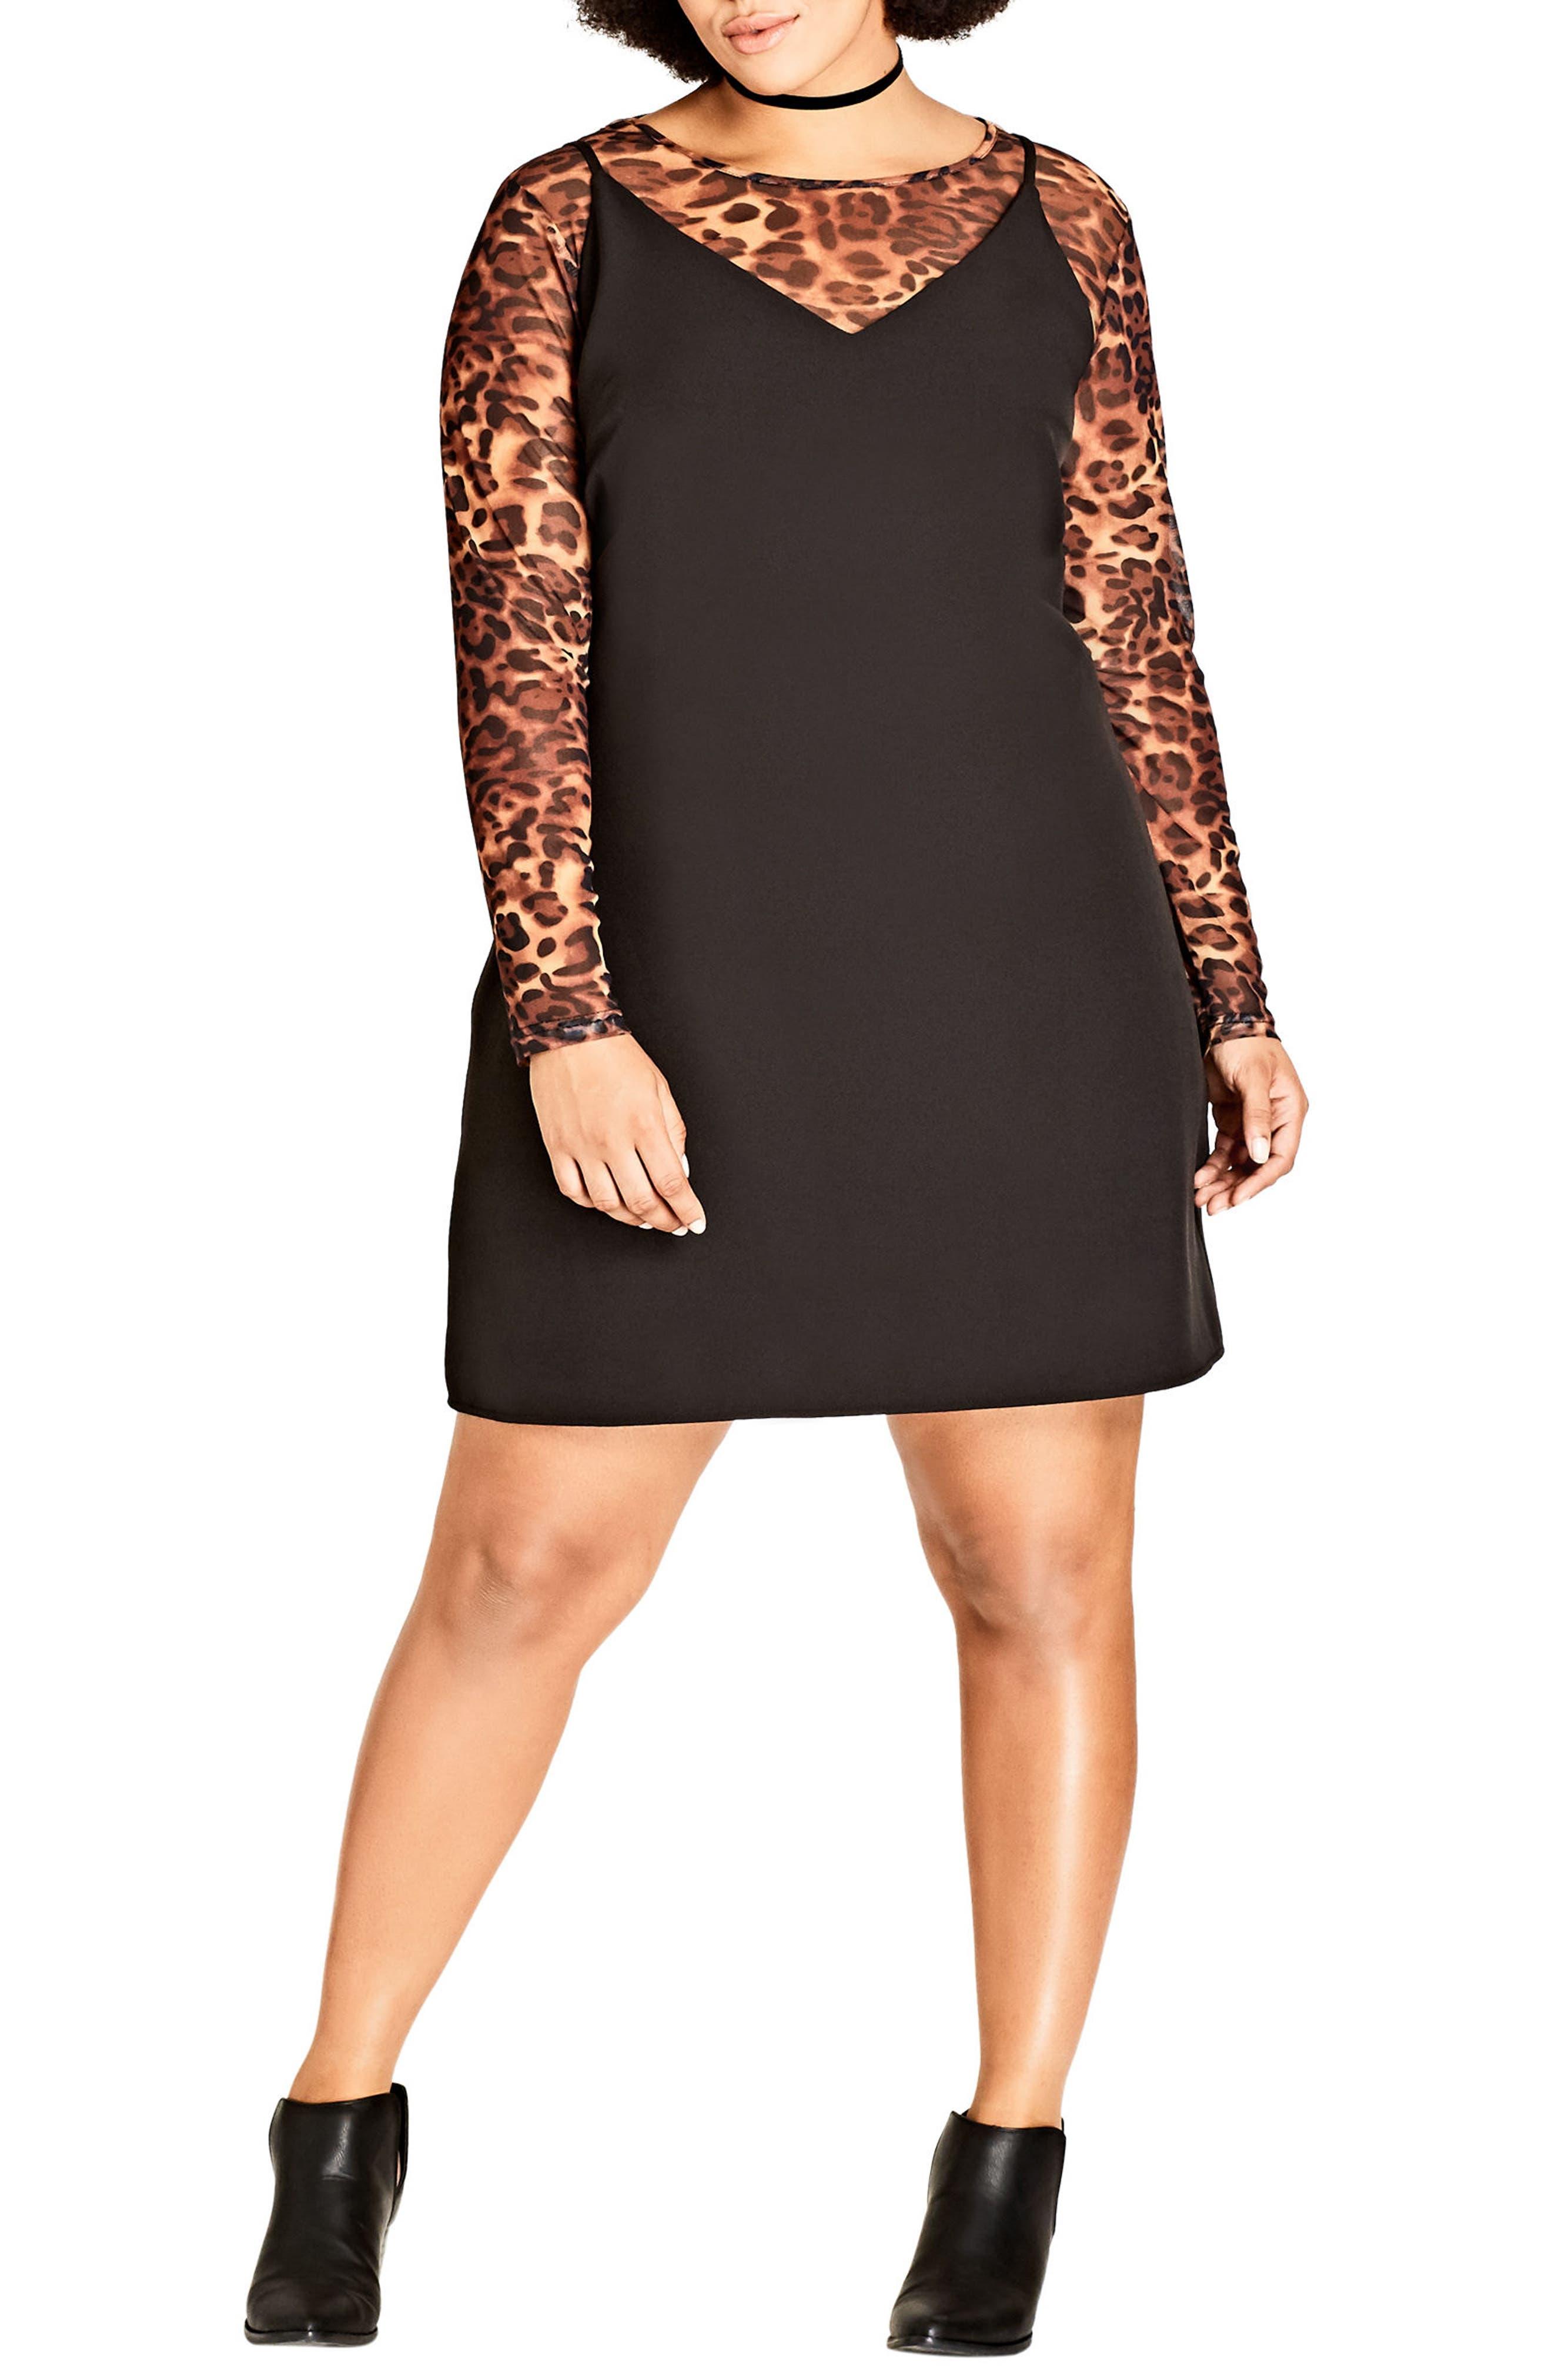 City Chic '90s Leopard Print Two-Piece Dress (Plus Size)